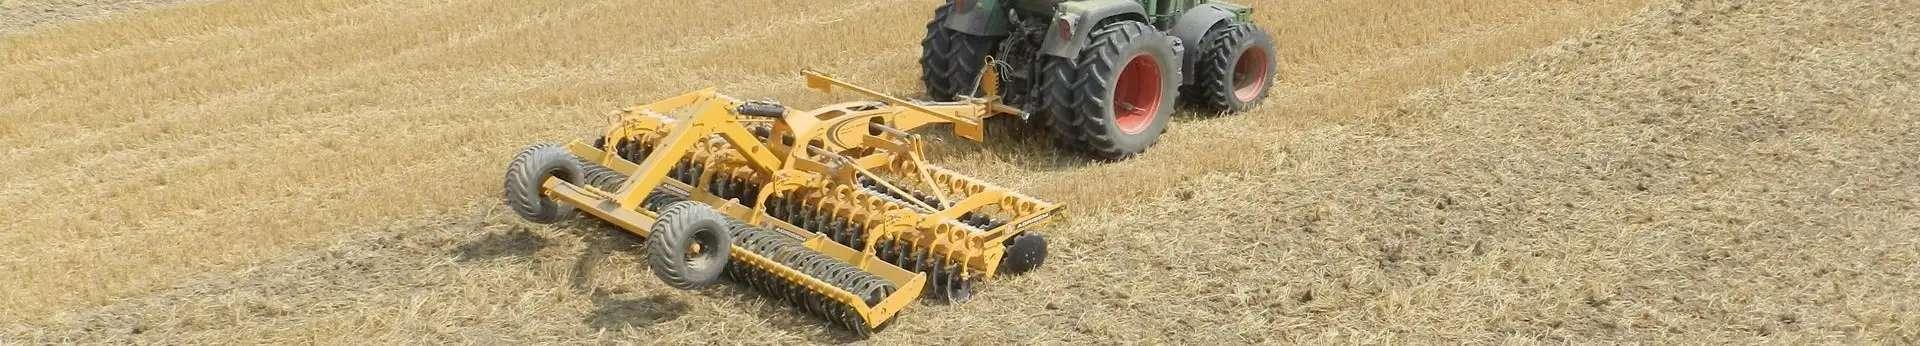 Żółty agregat Agrisem Disc-O-Mulch pracuje na polu z ciągnikiem korbanek.pl